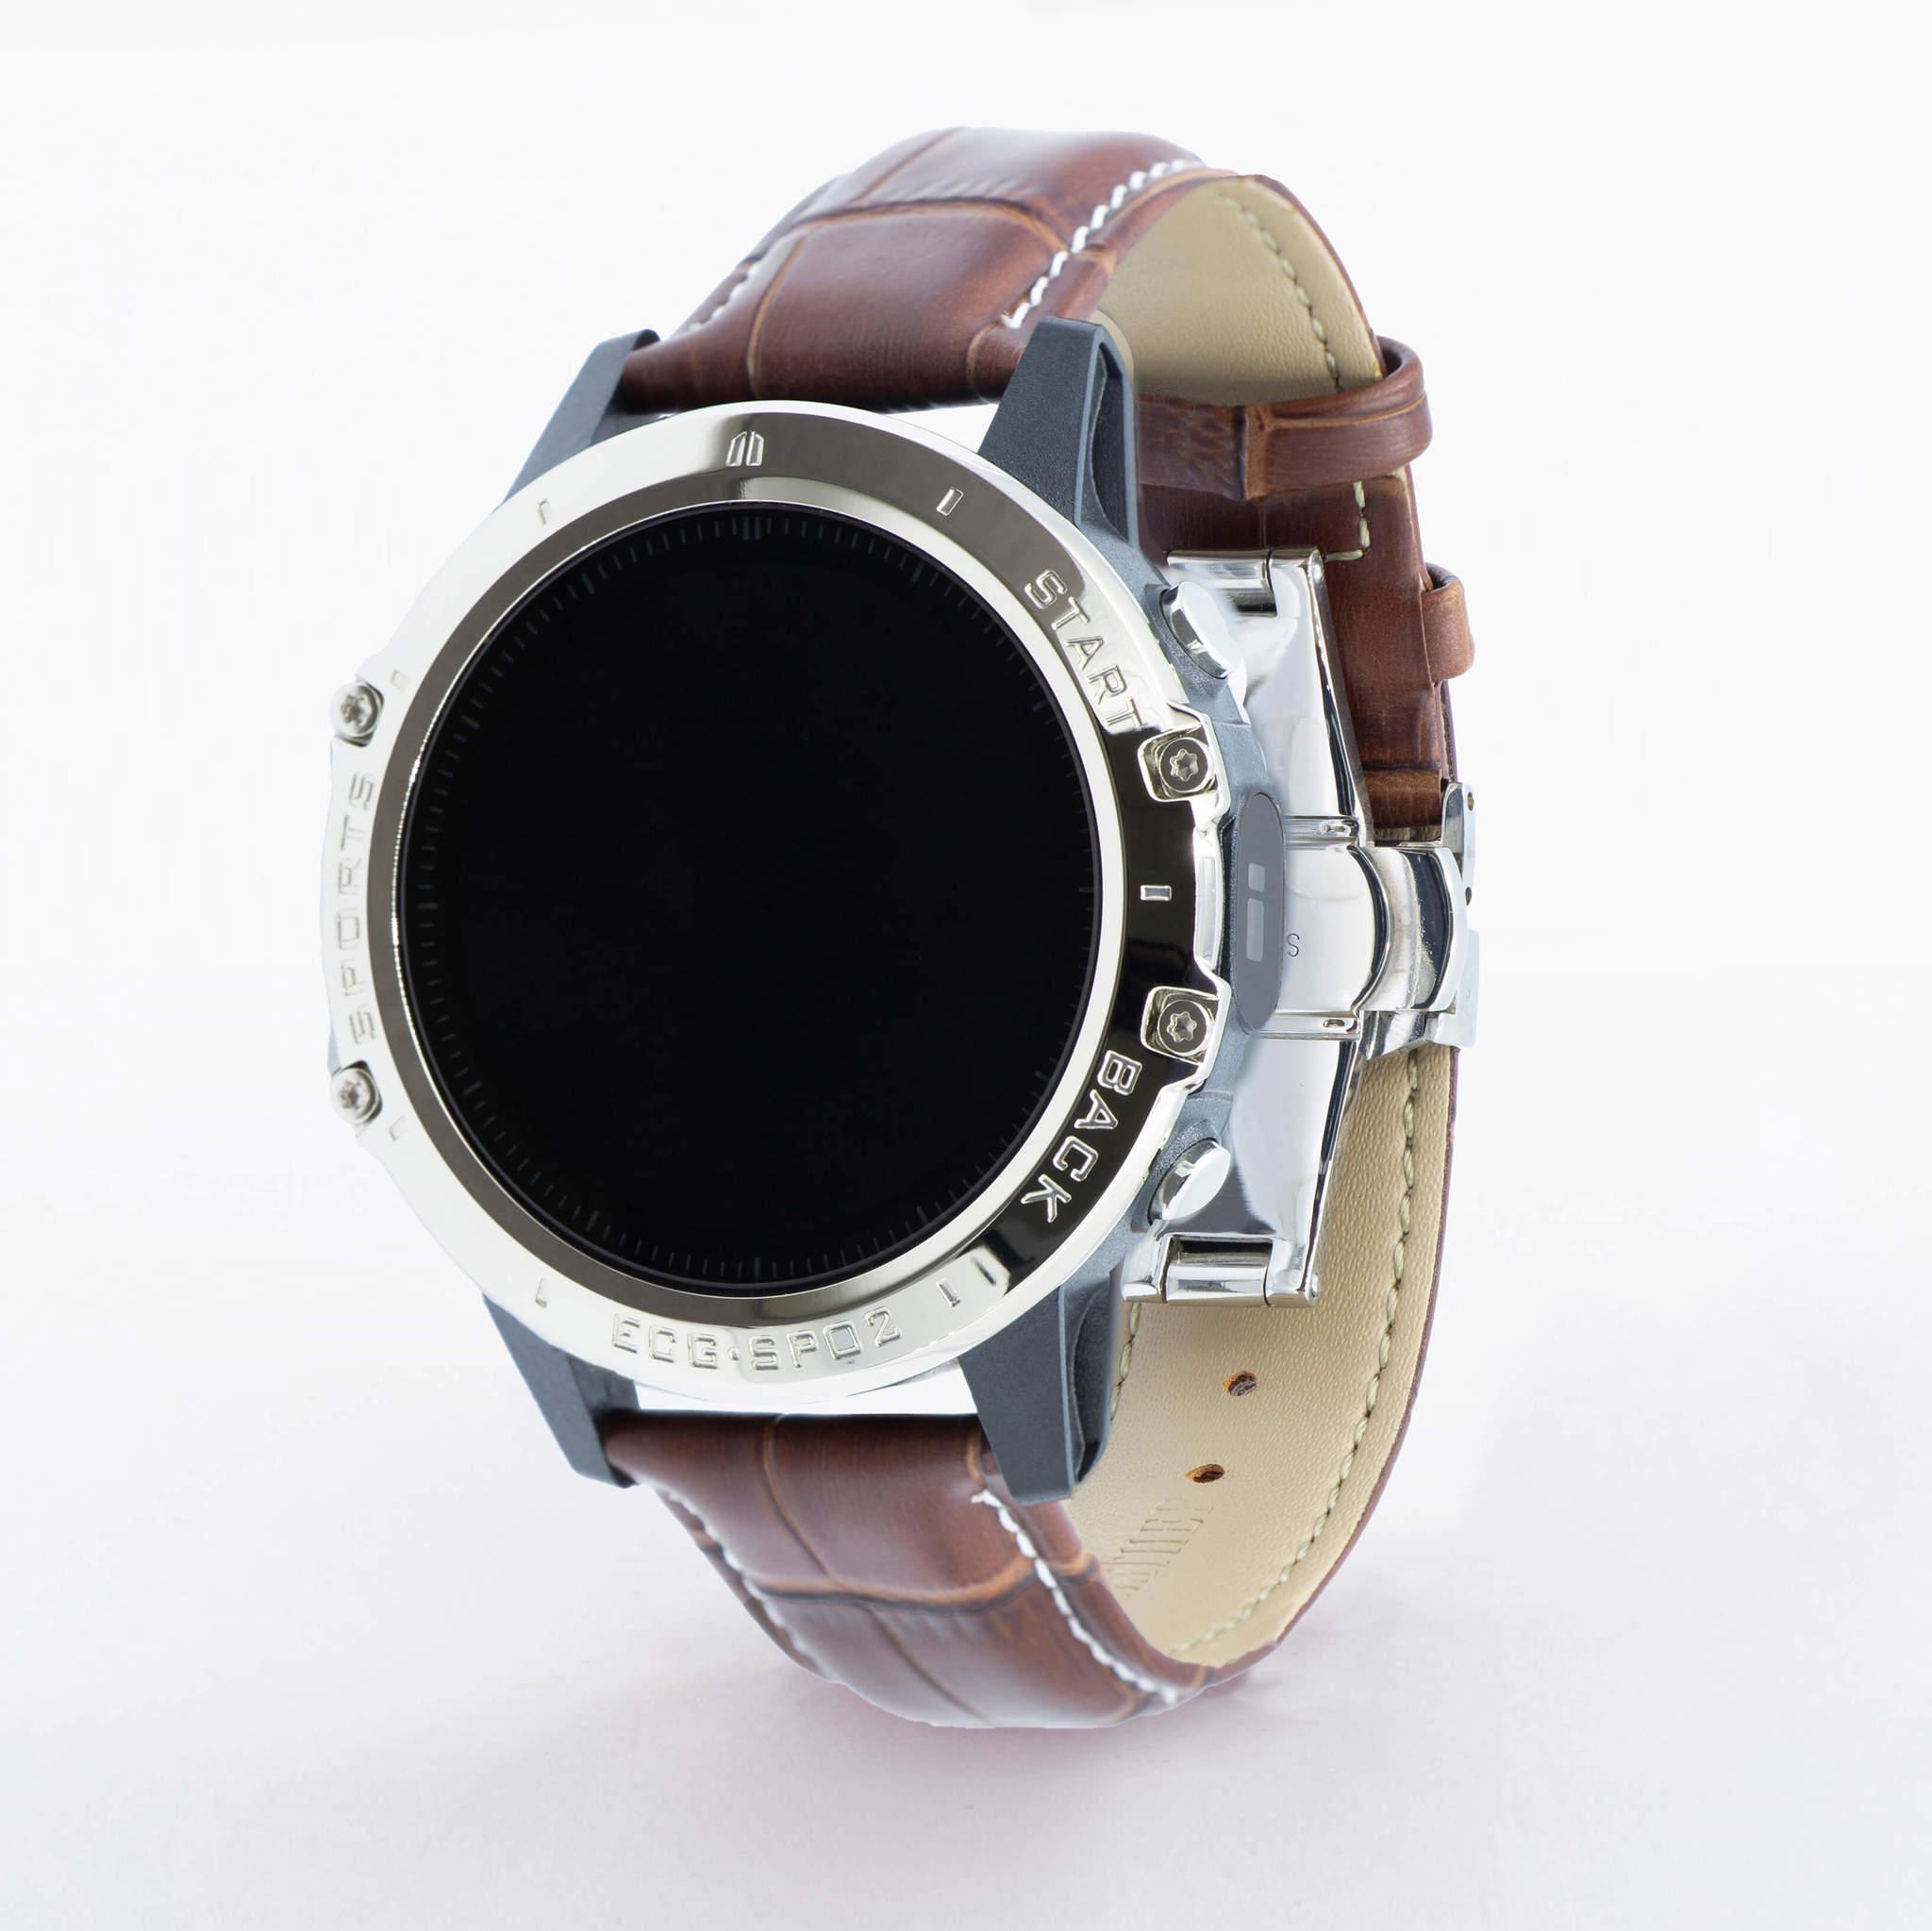 Профессиональные часы здоровья с измерением кислорода (сатурации), давления, снятием ЭКГ и круглосуточным мониторингом пульса Dr.Hofner DH50 (глянцево-коричневый)